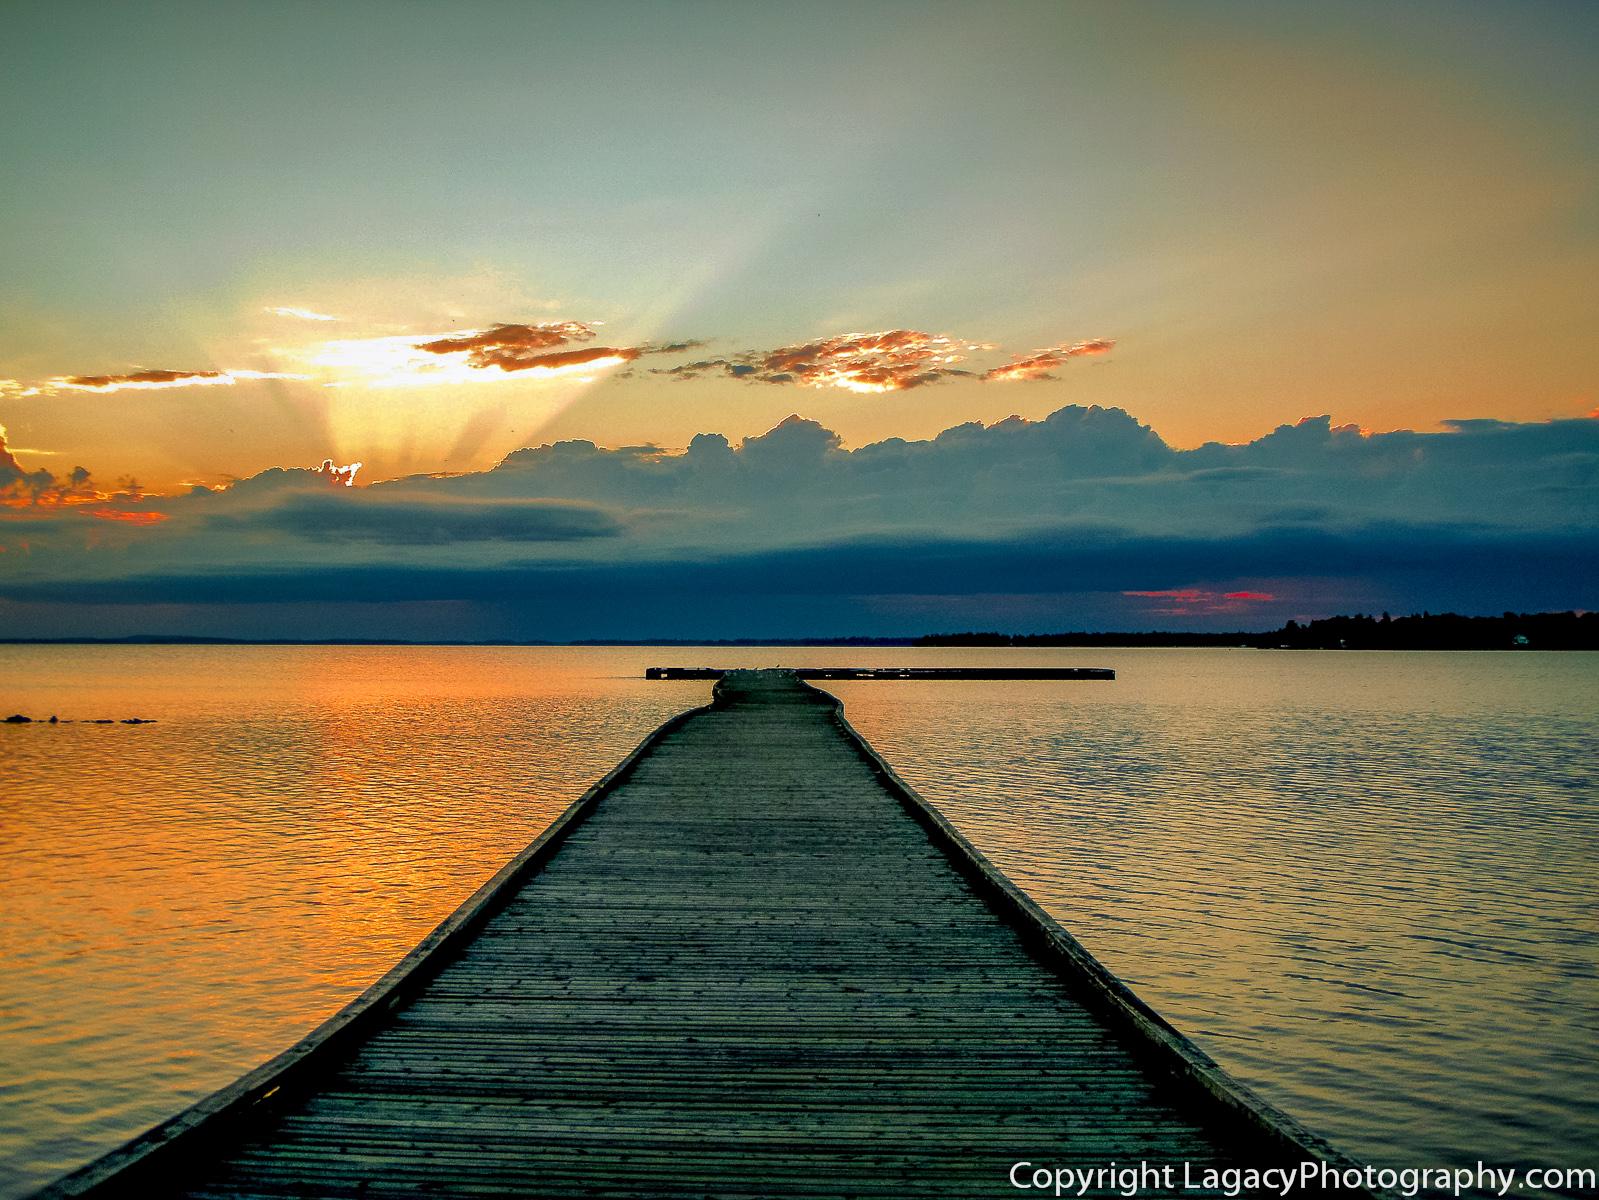 Orange Sunrise by the Docks